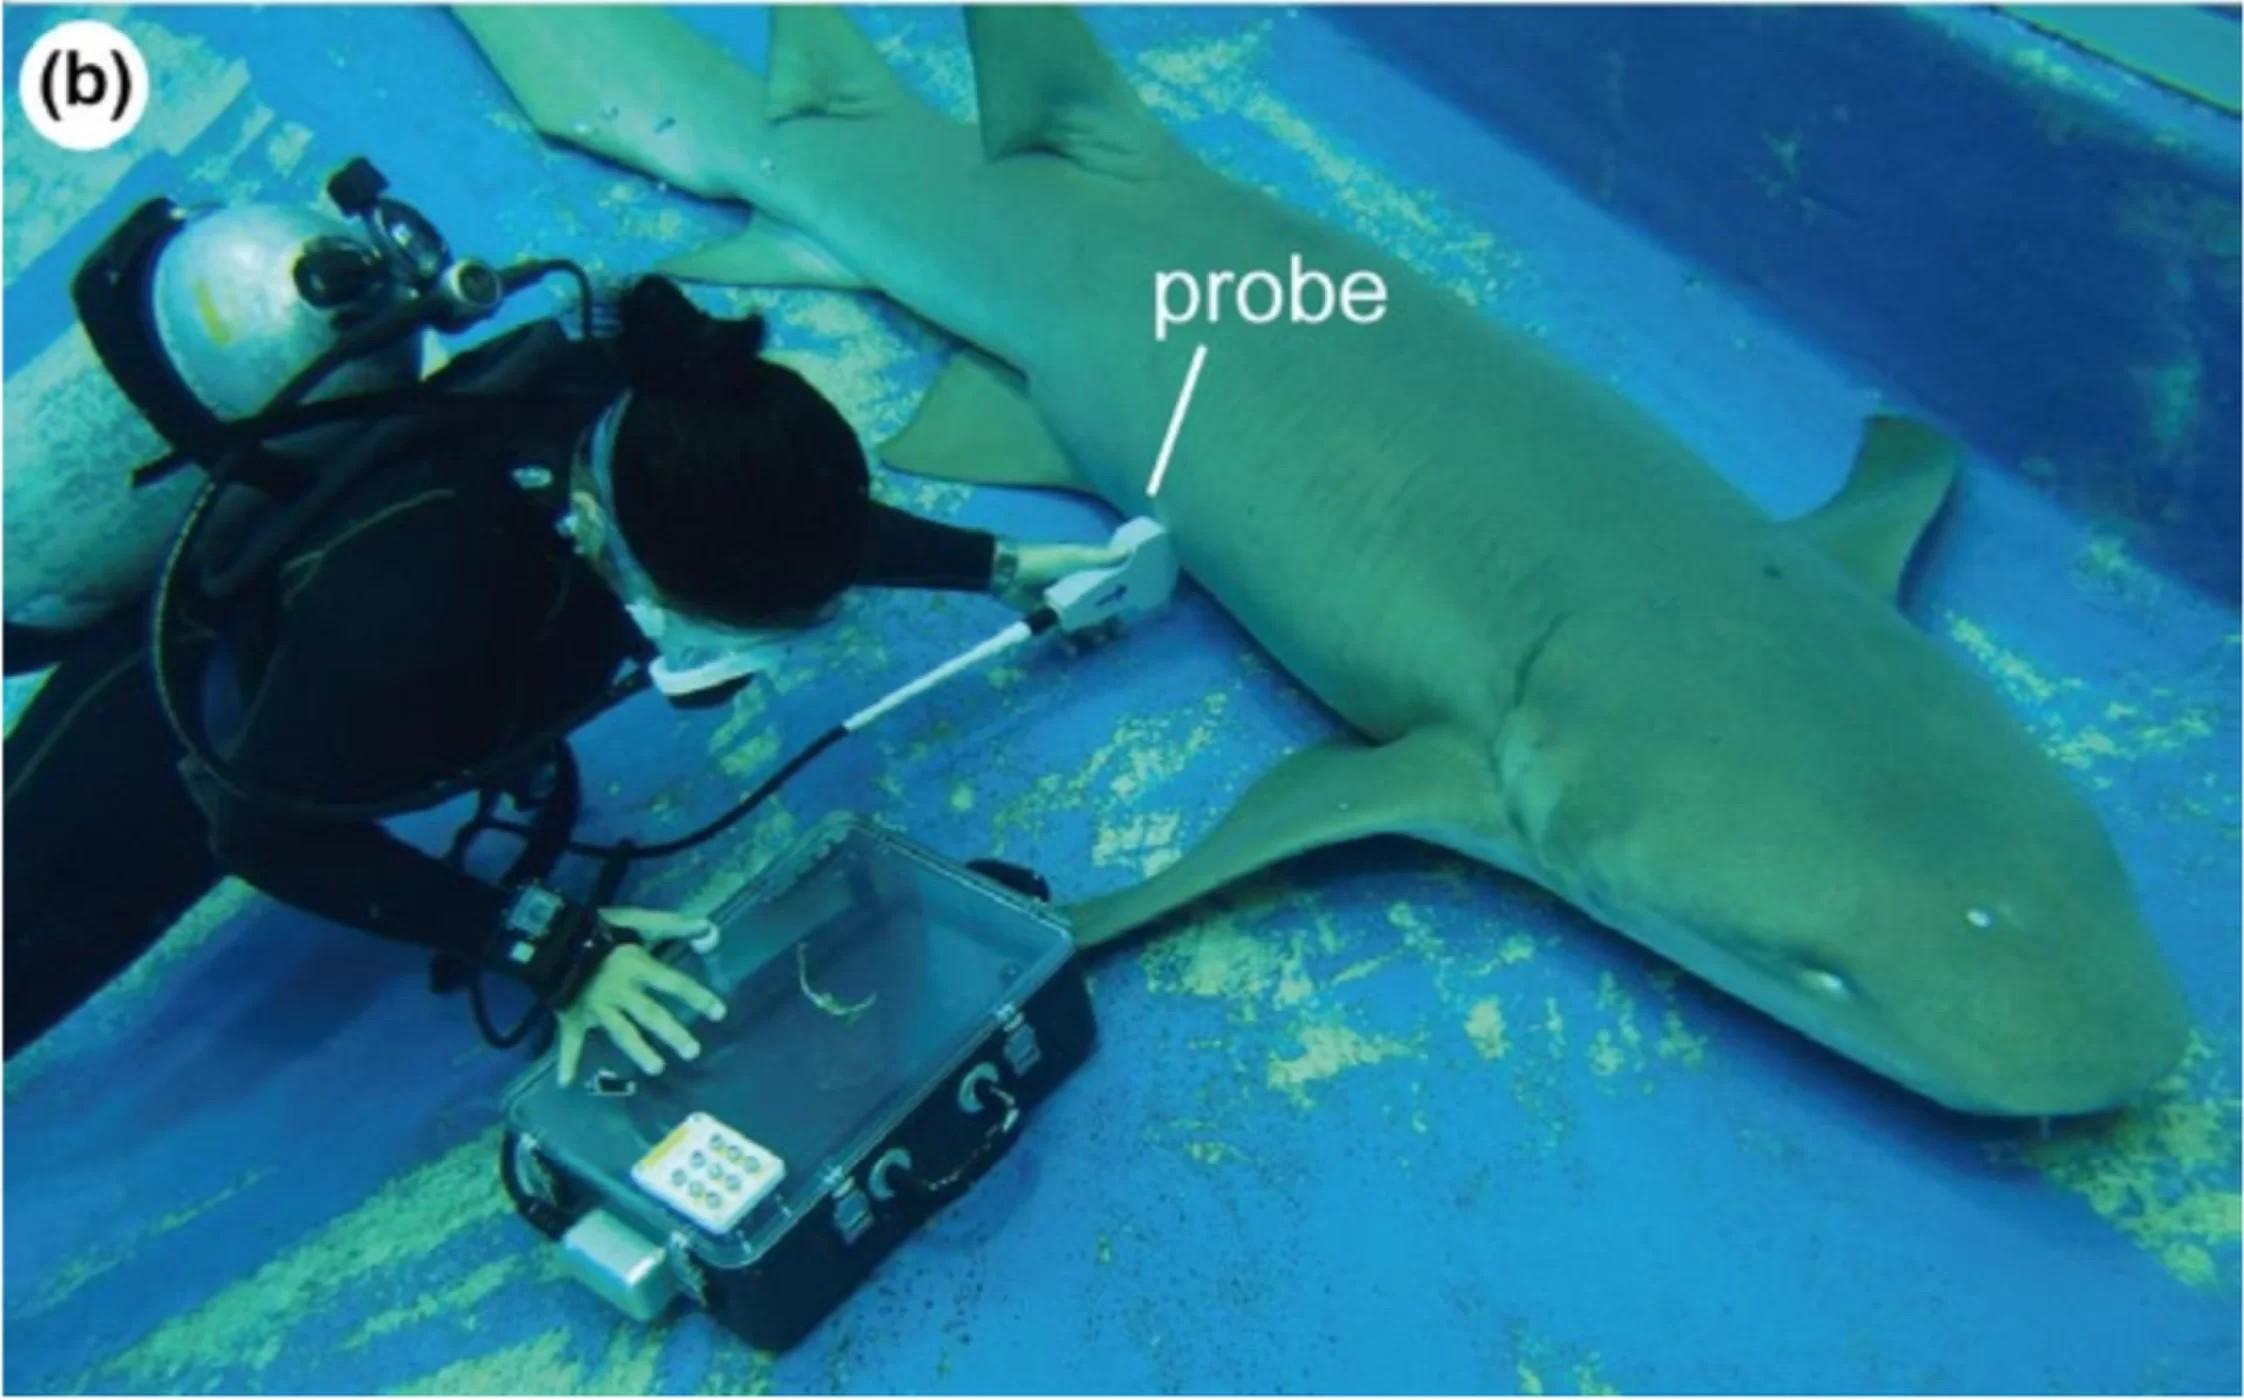 Máquina de ultrassom usada para estudar os tubarões (Foto: Ethology)